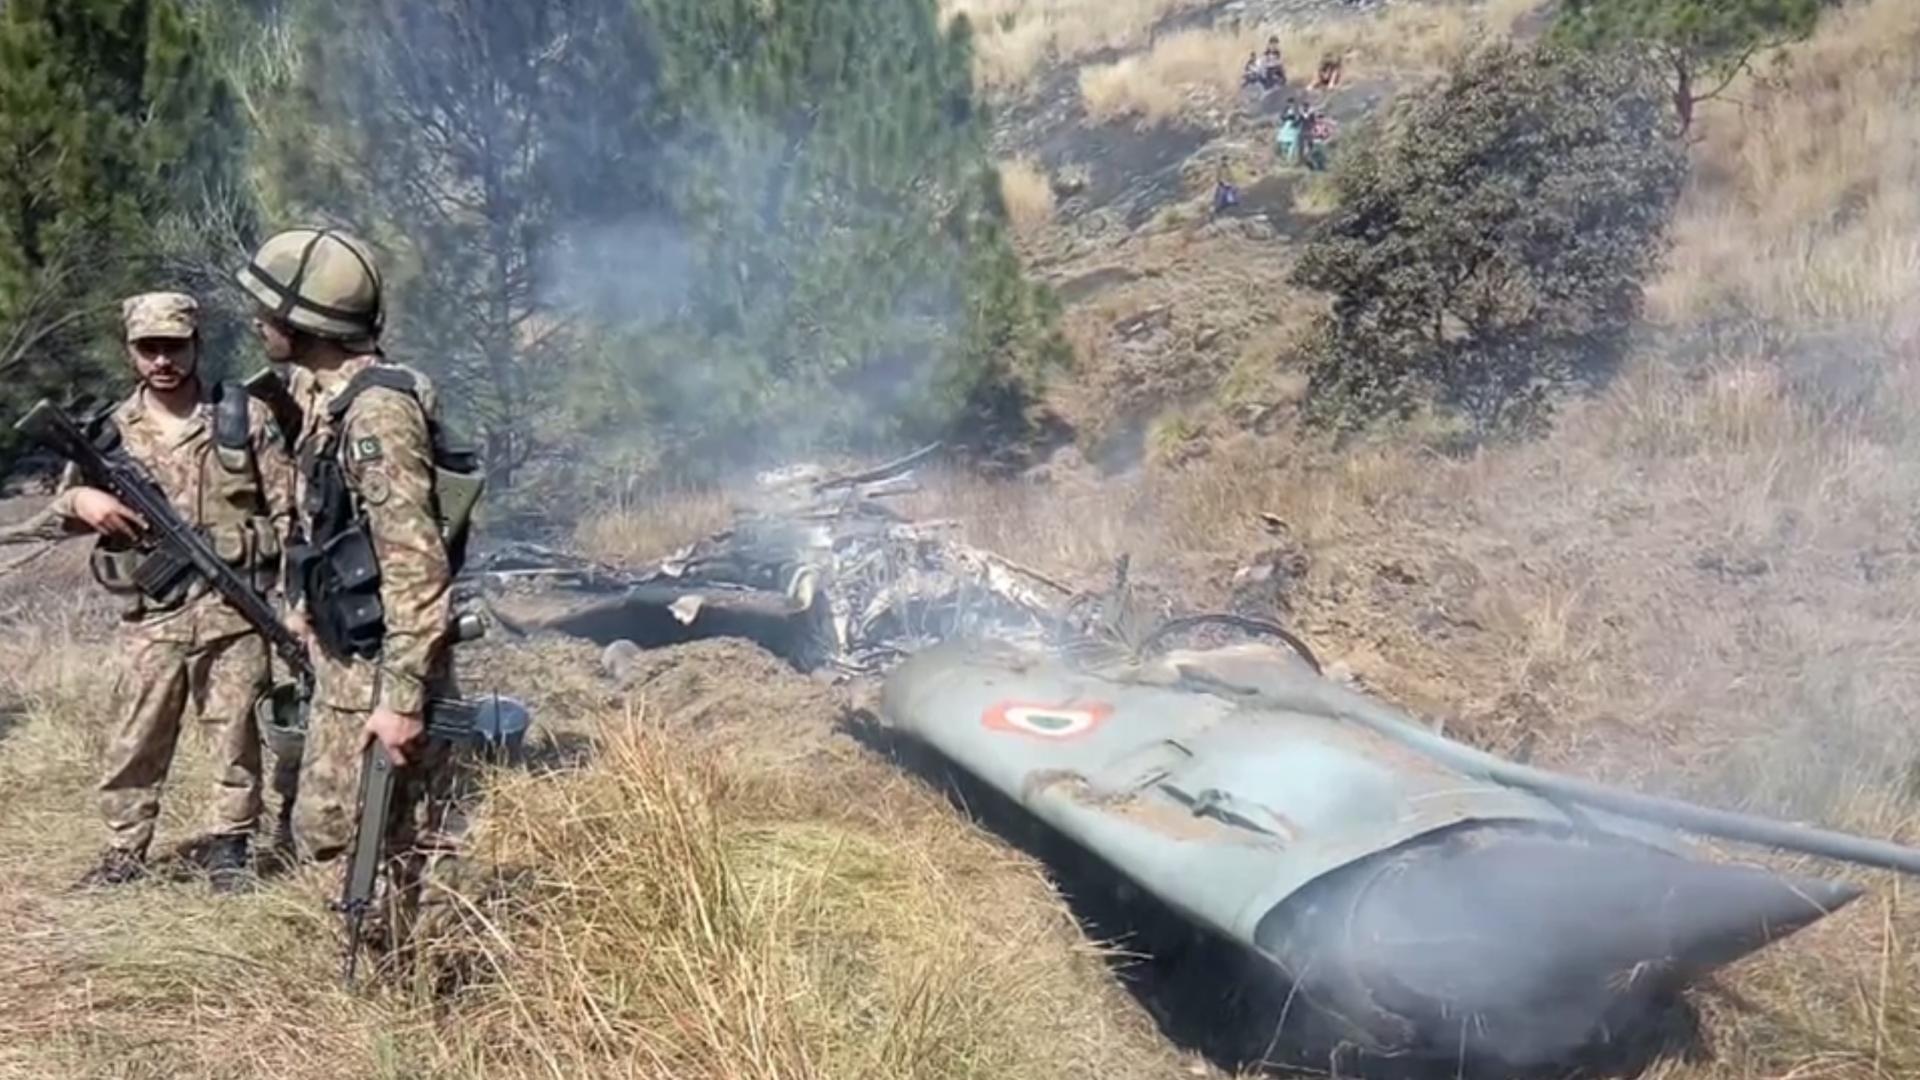 شاهد.. حطام مقاتلة هندية أسقطتها باكستان وما قاله طيارها